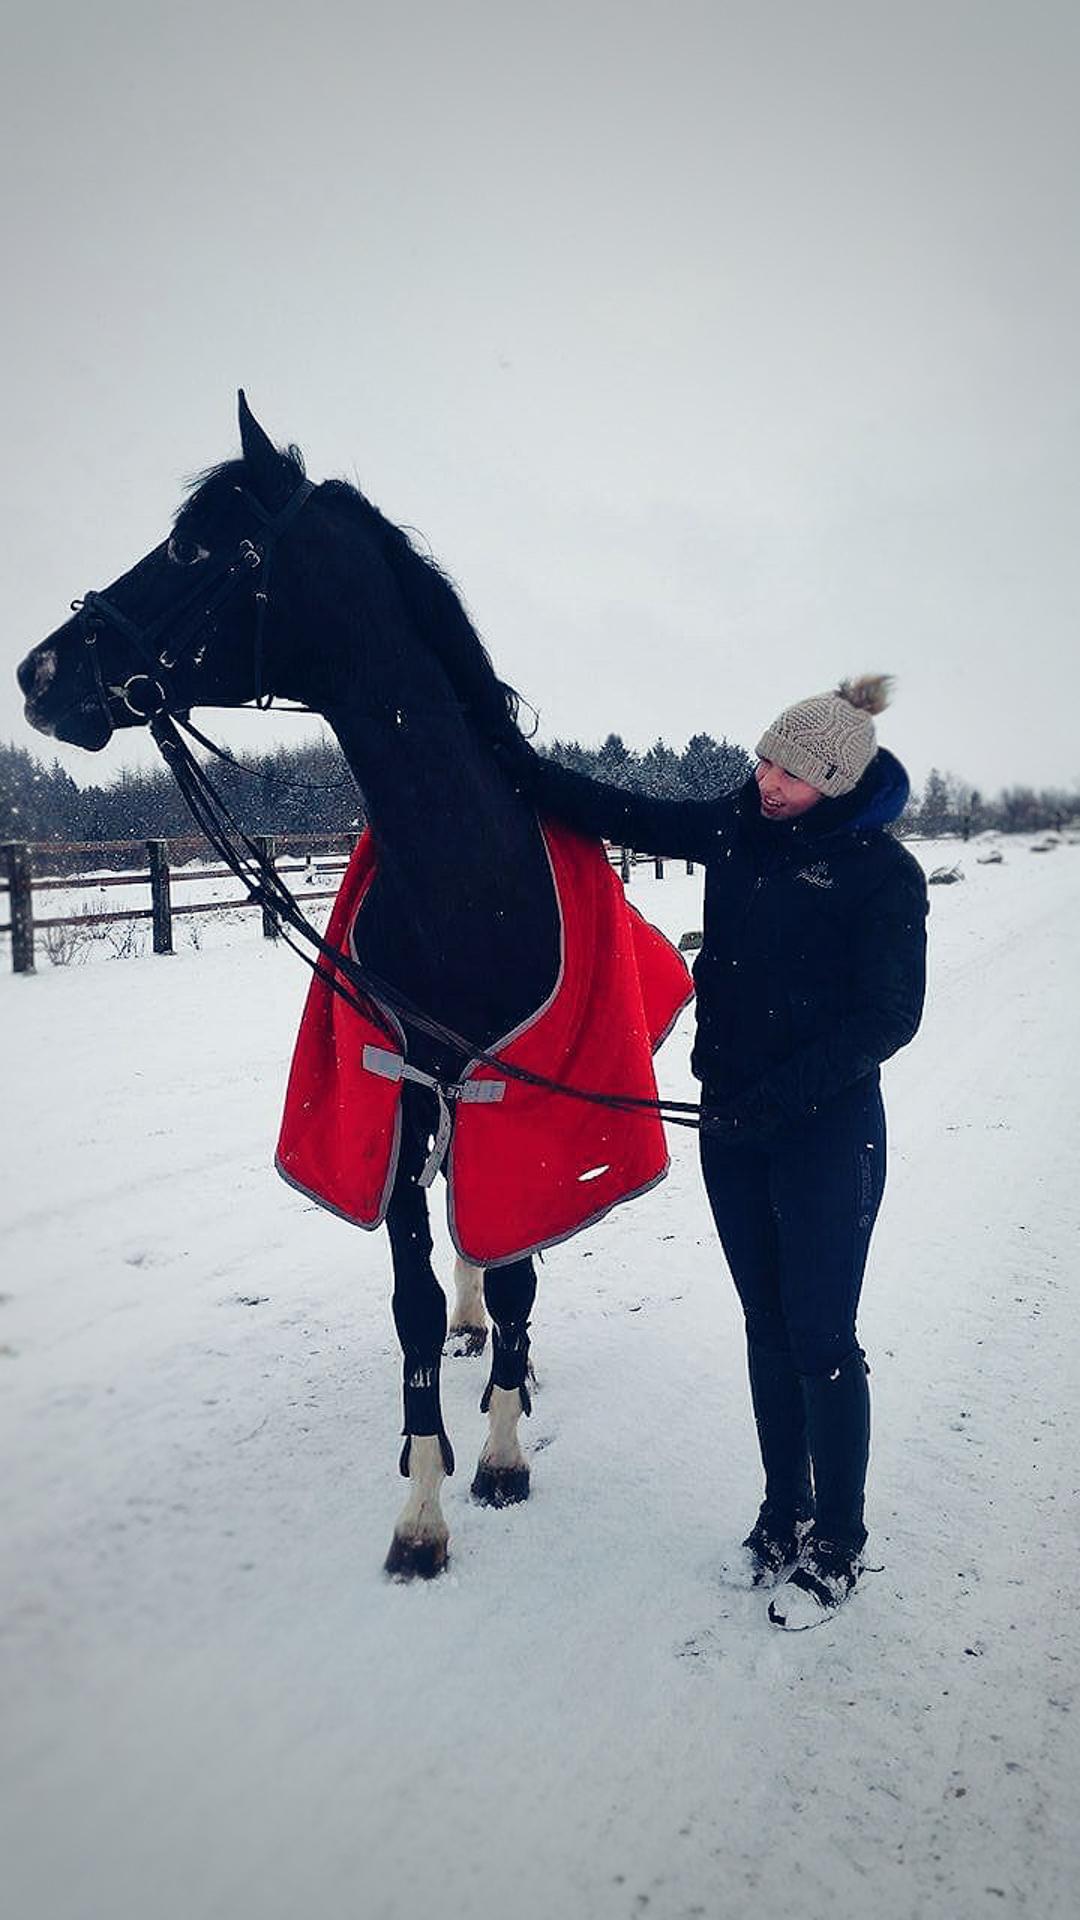 Jau 11 metų su žirgais draugaujanti Martyna Dovydaitė tikina, kad žirgais tenka rūpintis net ir šaltukui spaudžiant. / Asmeninio archyvo nuotr.